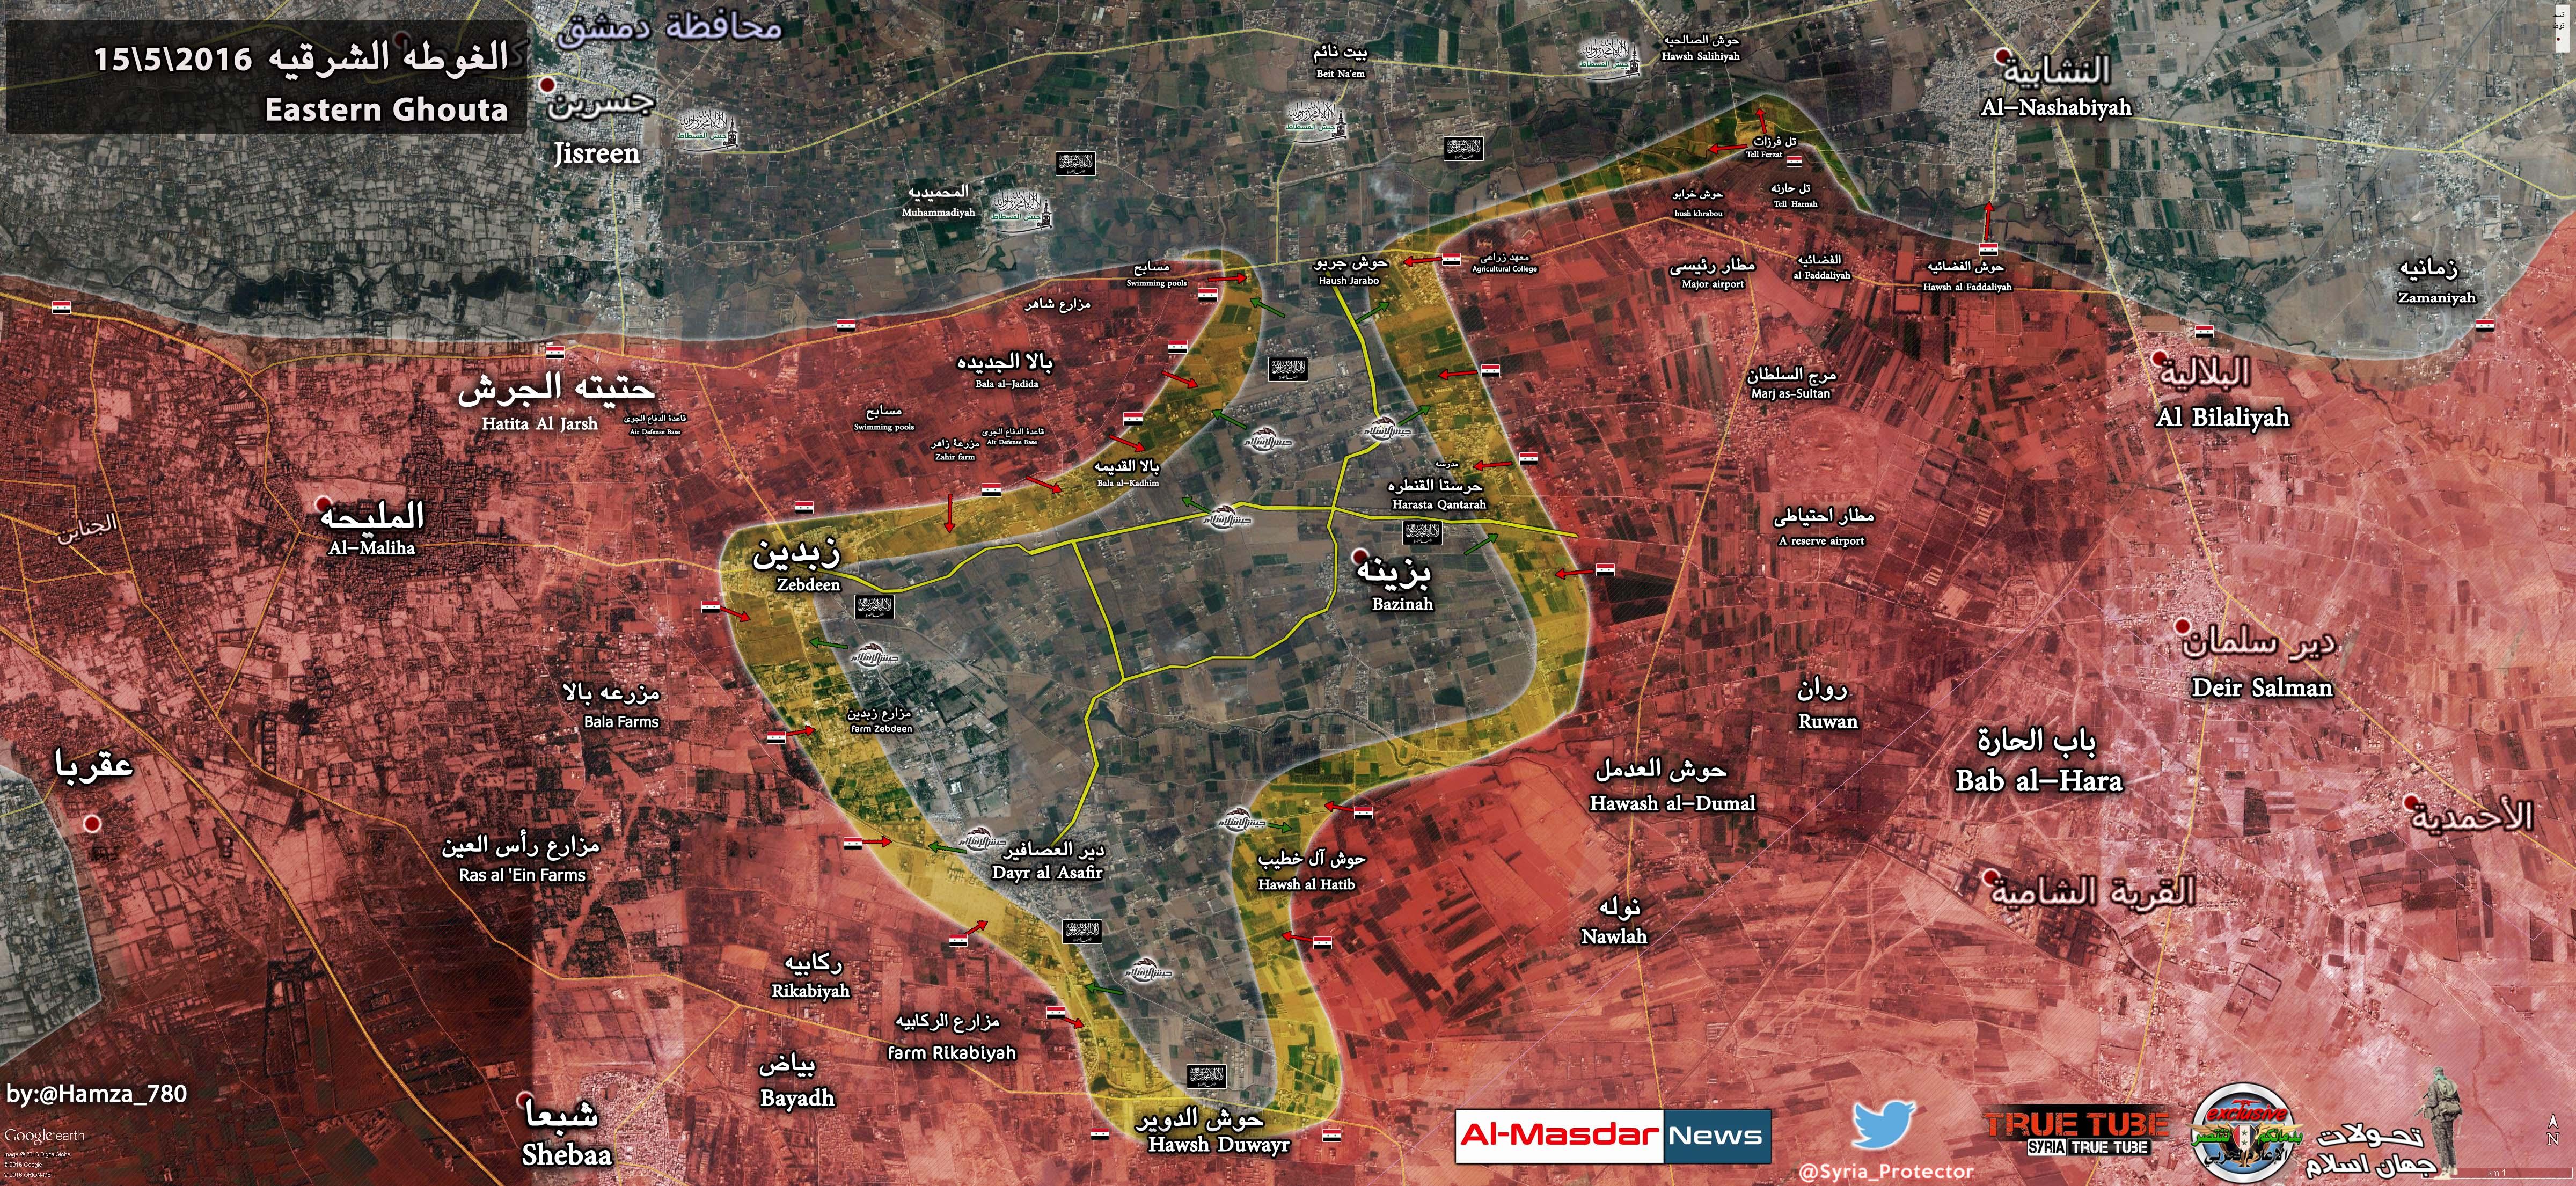 Syrian Army, Hezbollah assert fire control over Deir Al-Assafir